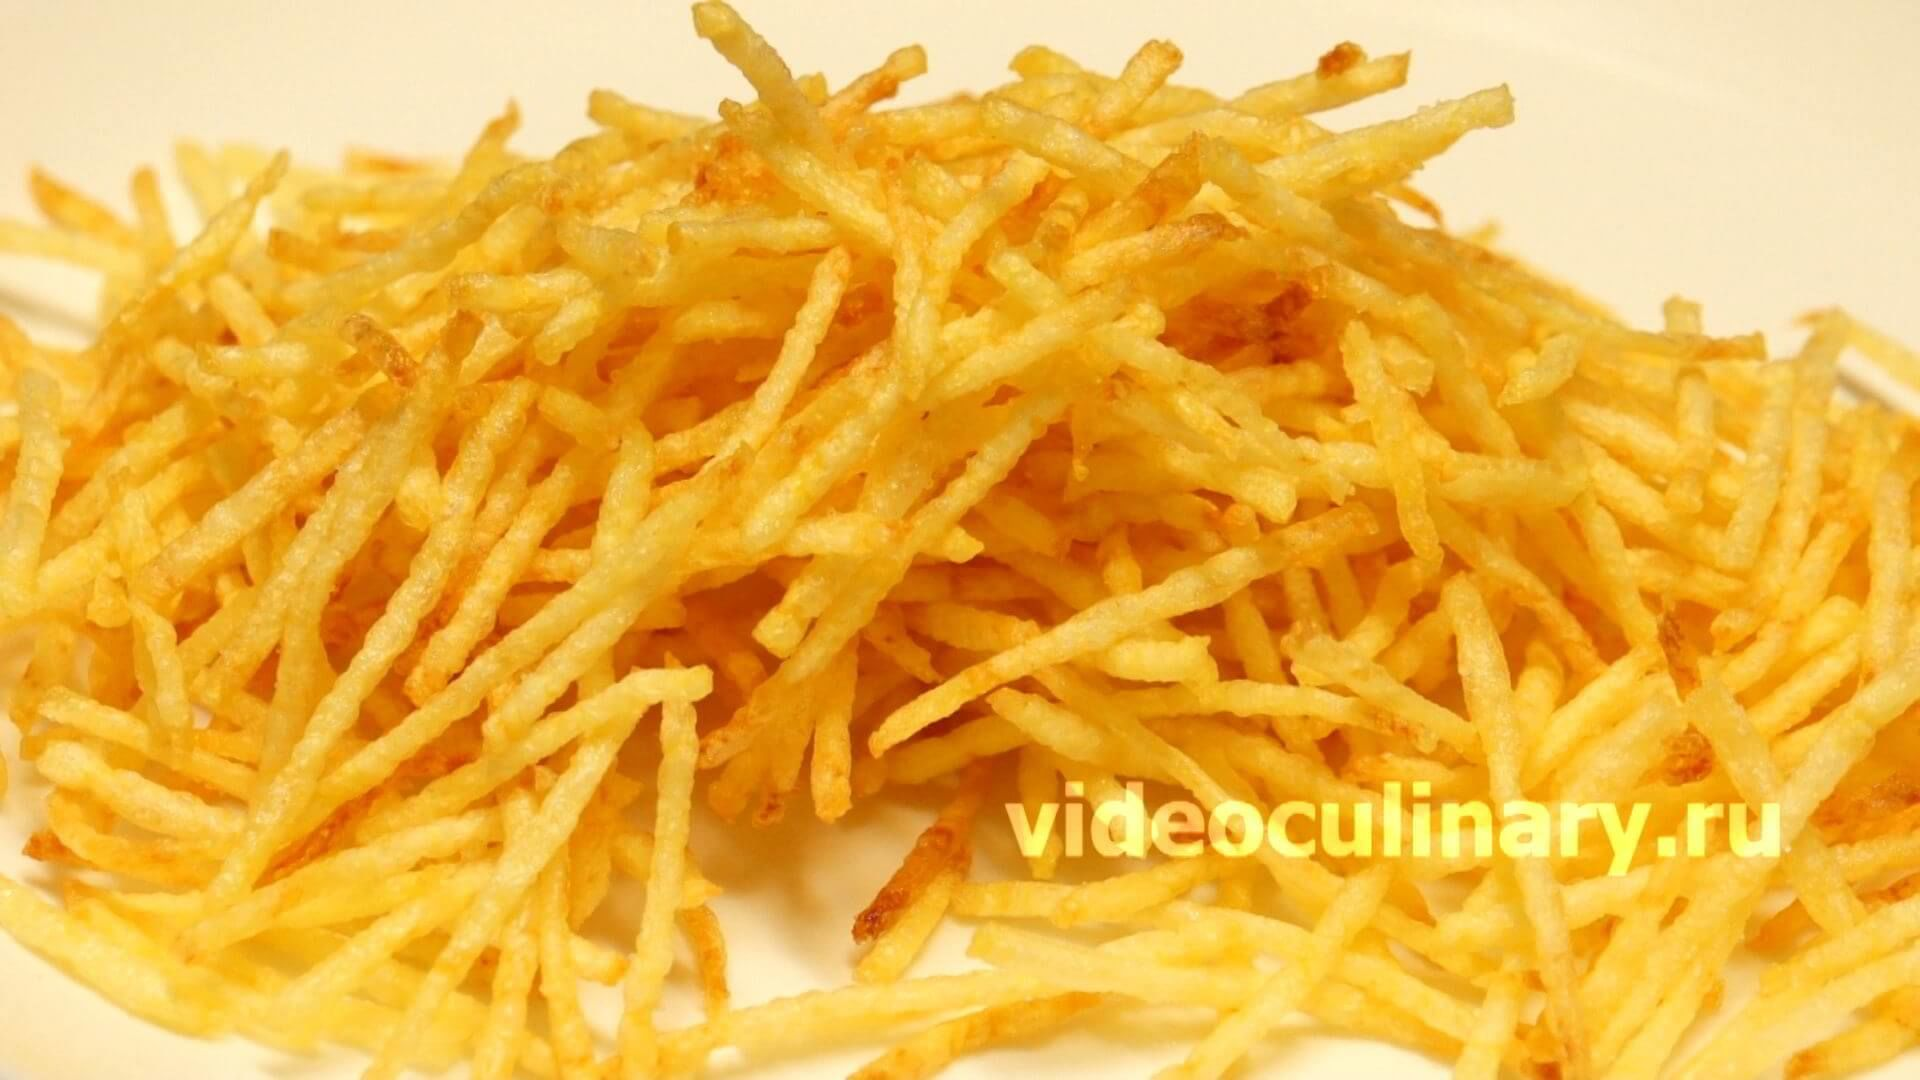 Картофель фри тонкой соломкой